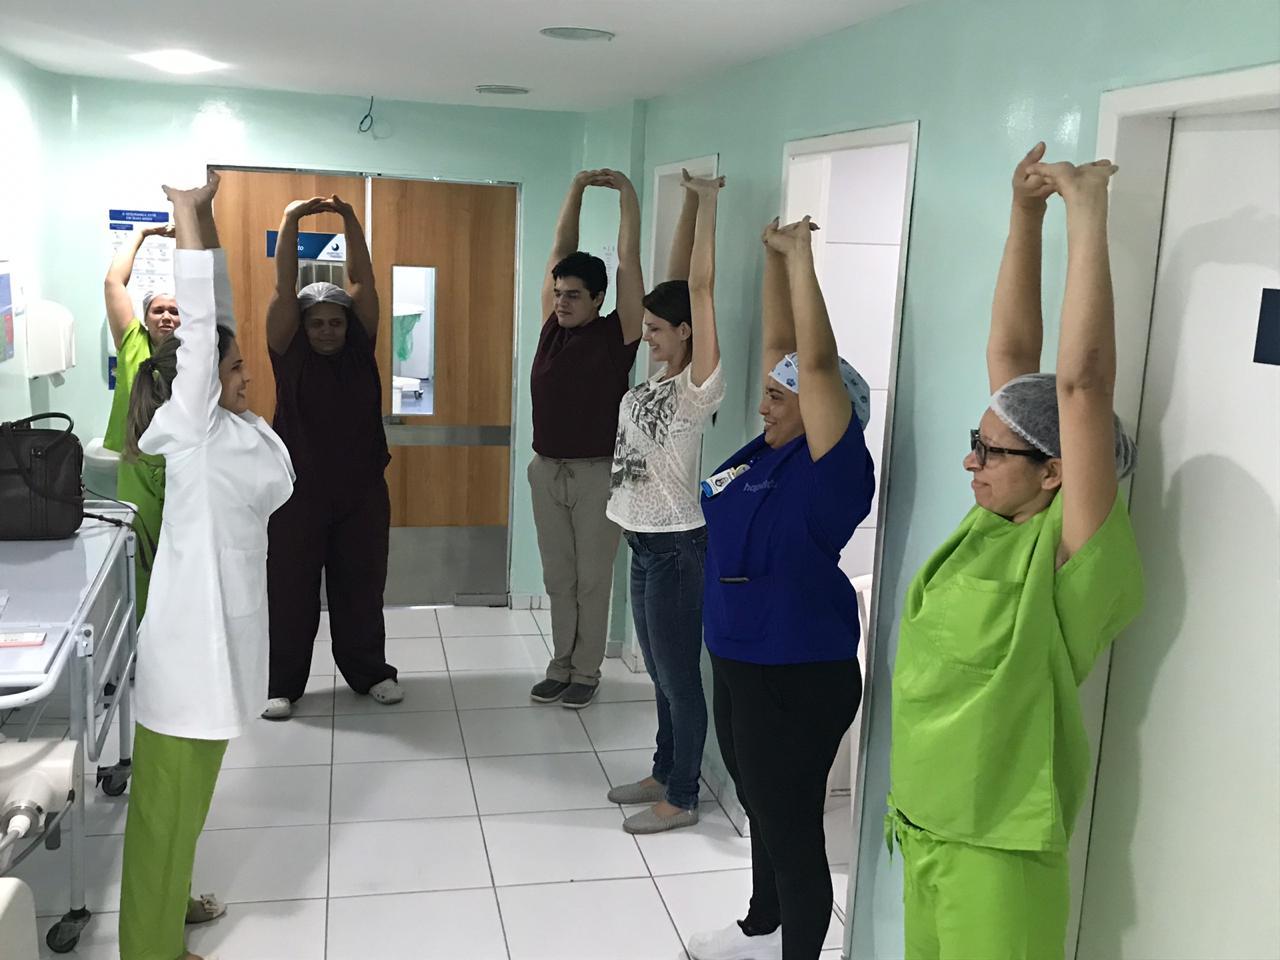 Hapvida implanta Programa 'Qualidade de Vida' para cuidar da saúde dos funcionários